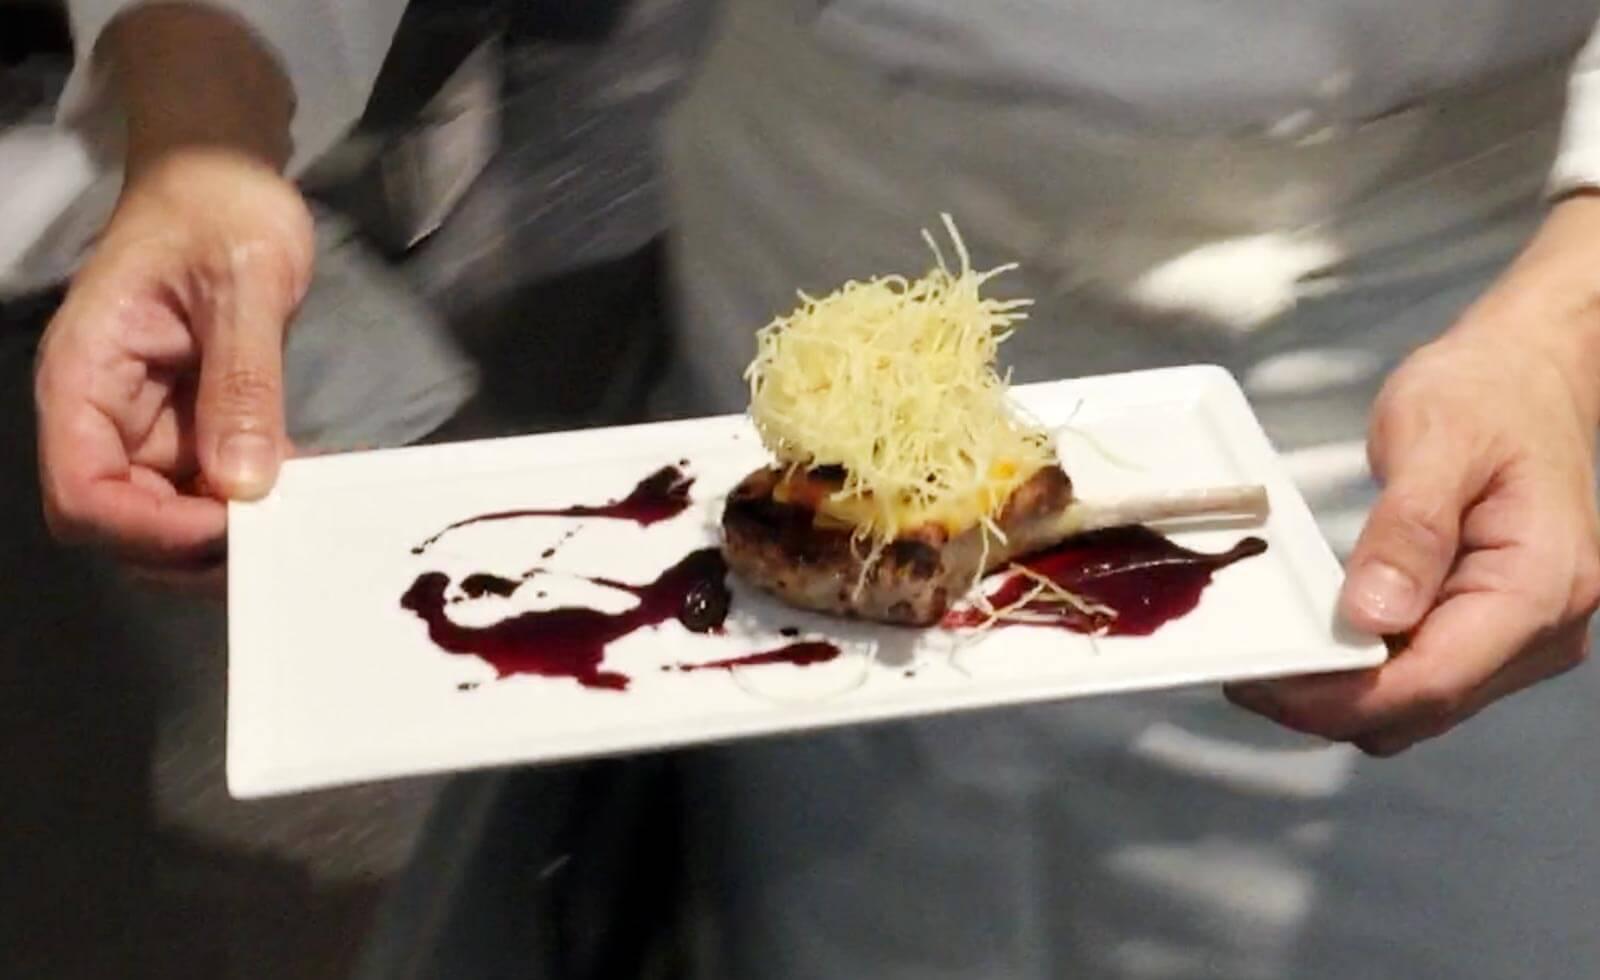 【シェフが教えるレシピ】カリフォルニアの風を感じる「オーストラリア産ラムチョップのソテー カリフォルニア赤ワインソース」